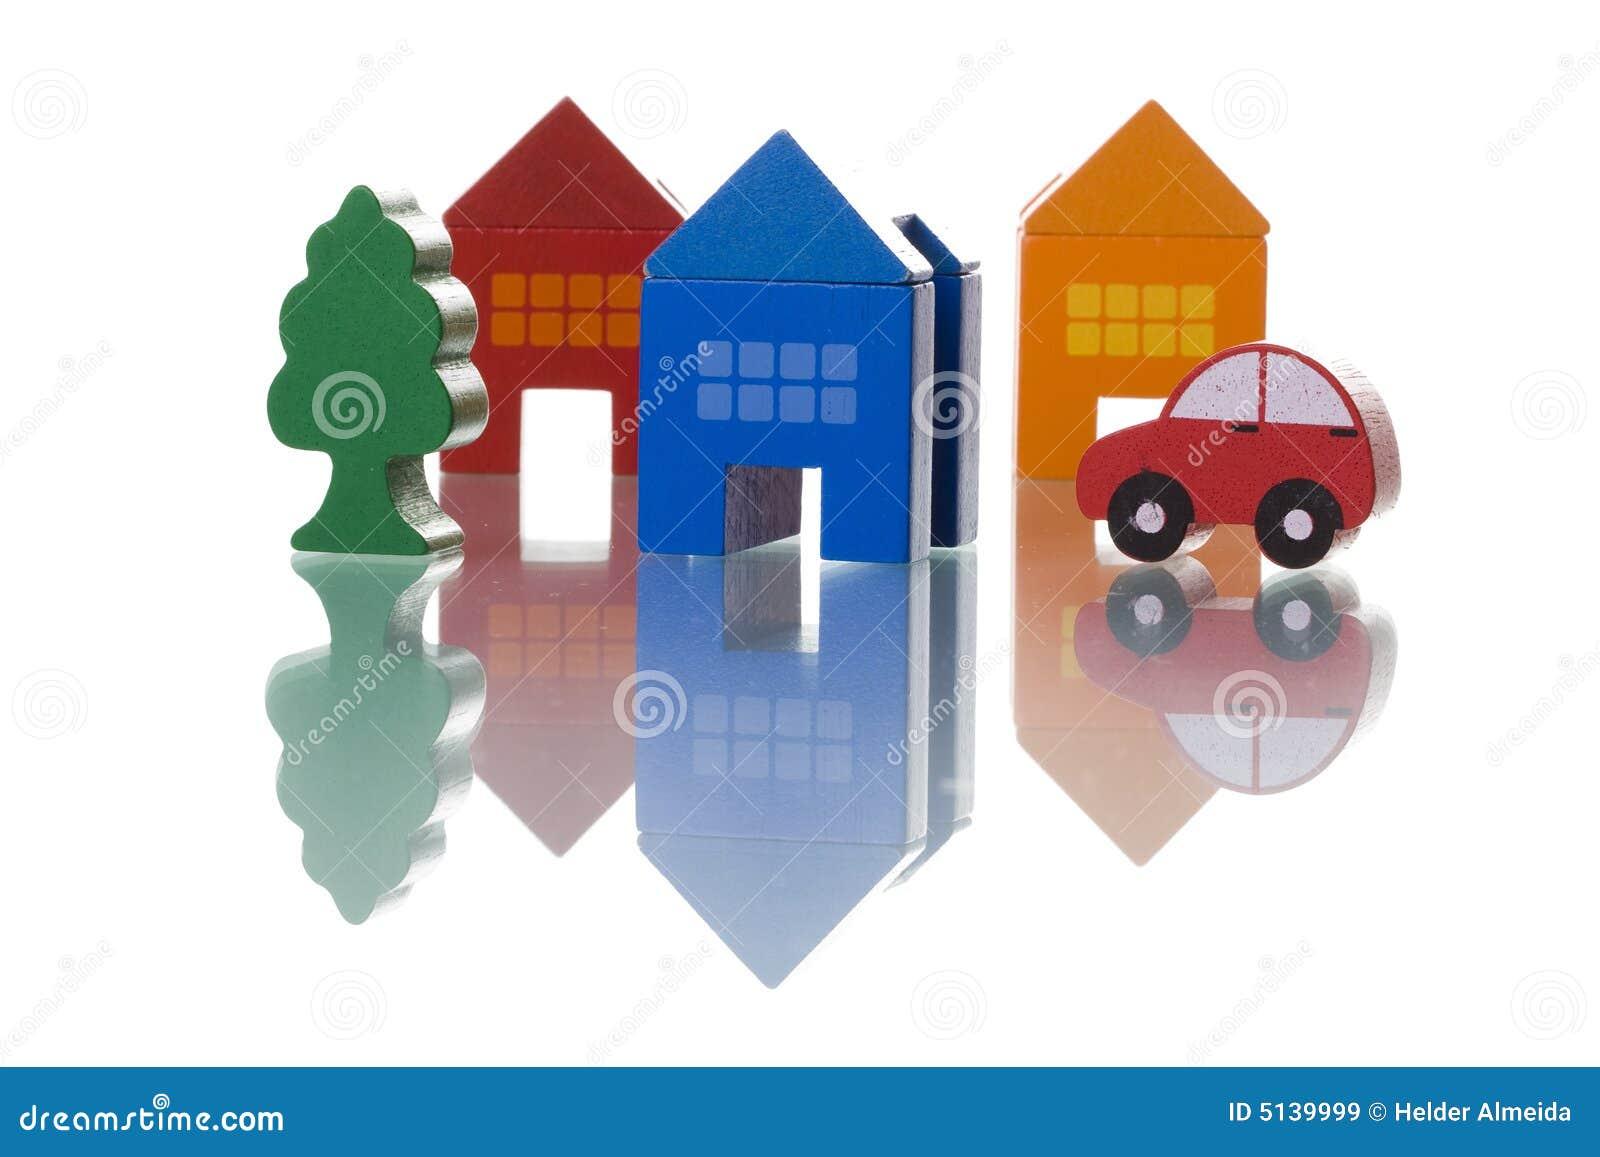 Häuser, Auto und Baum